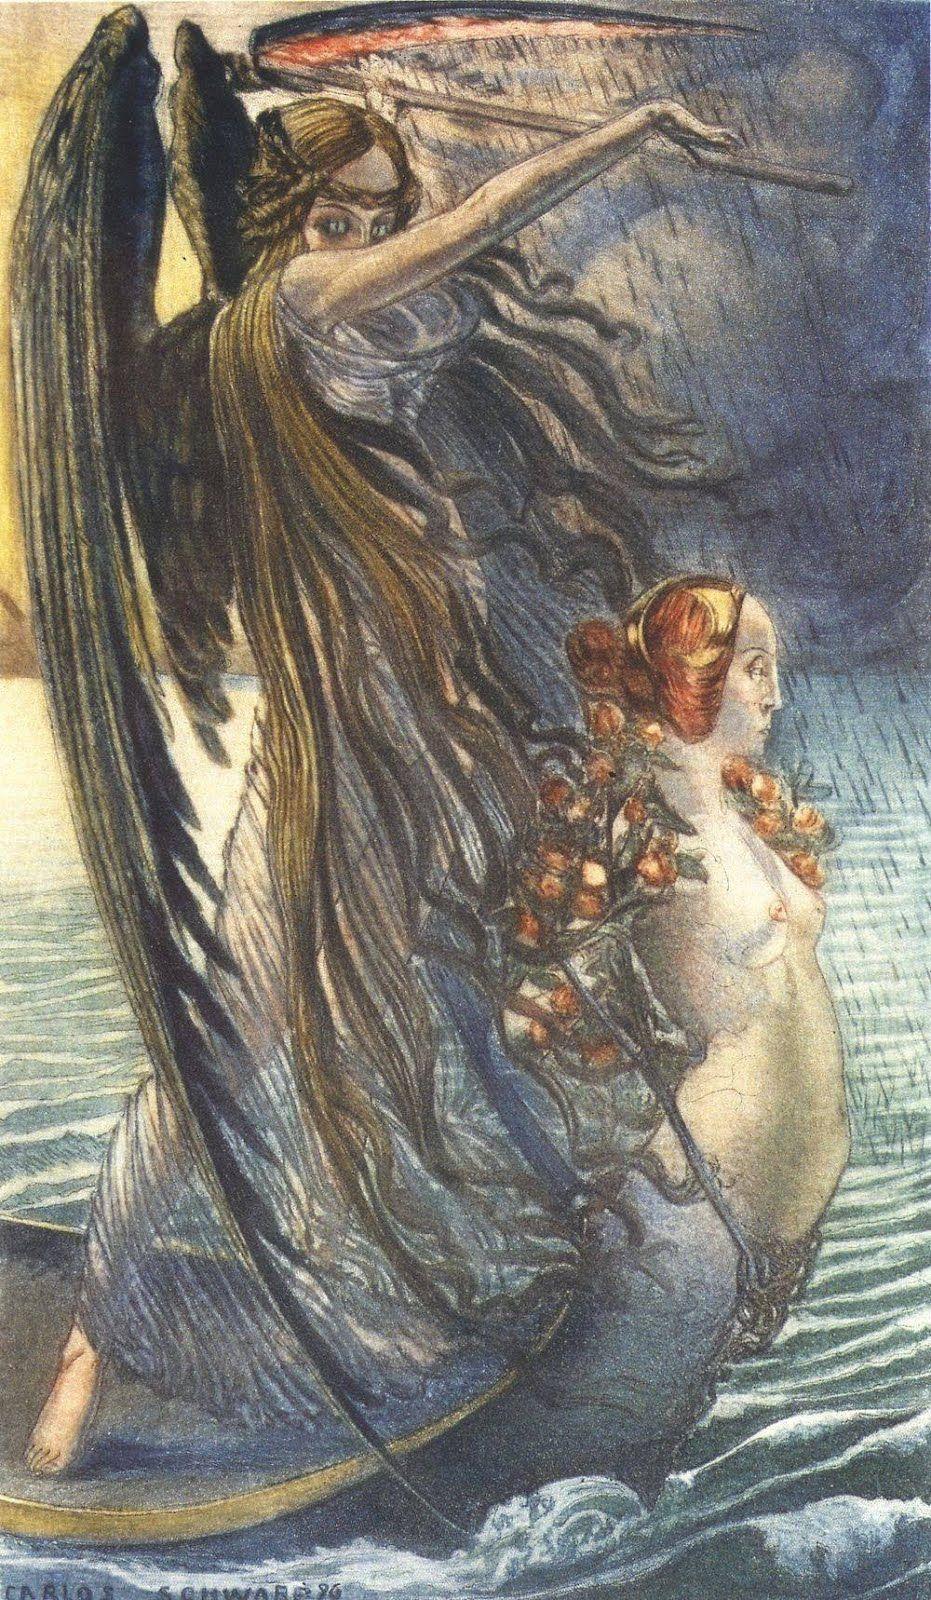 Carlos Schwabe La Mort Art Esoteric Art 19th Century Art